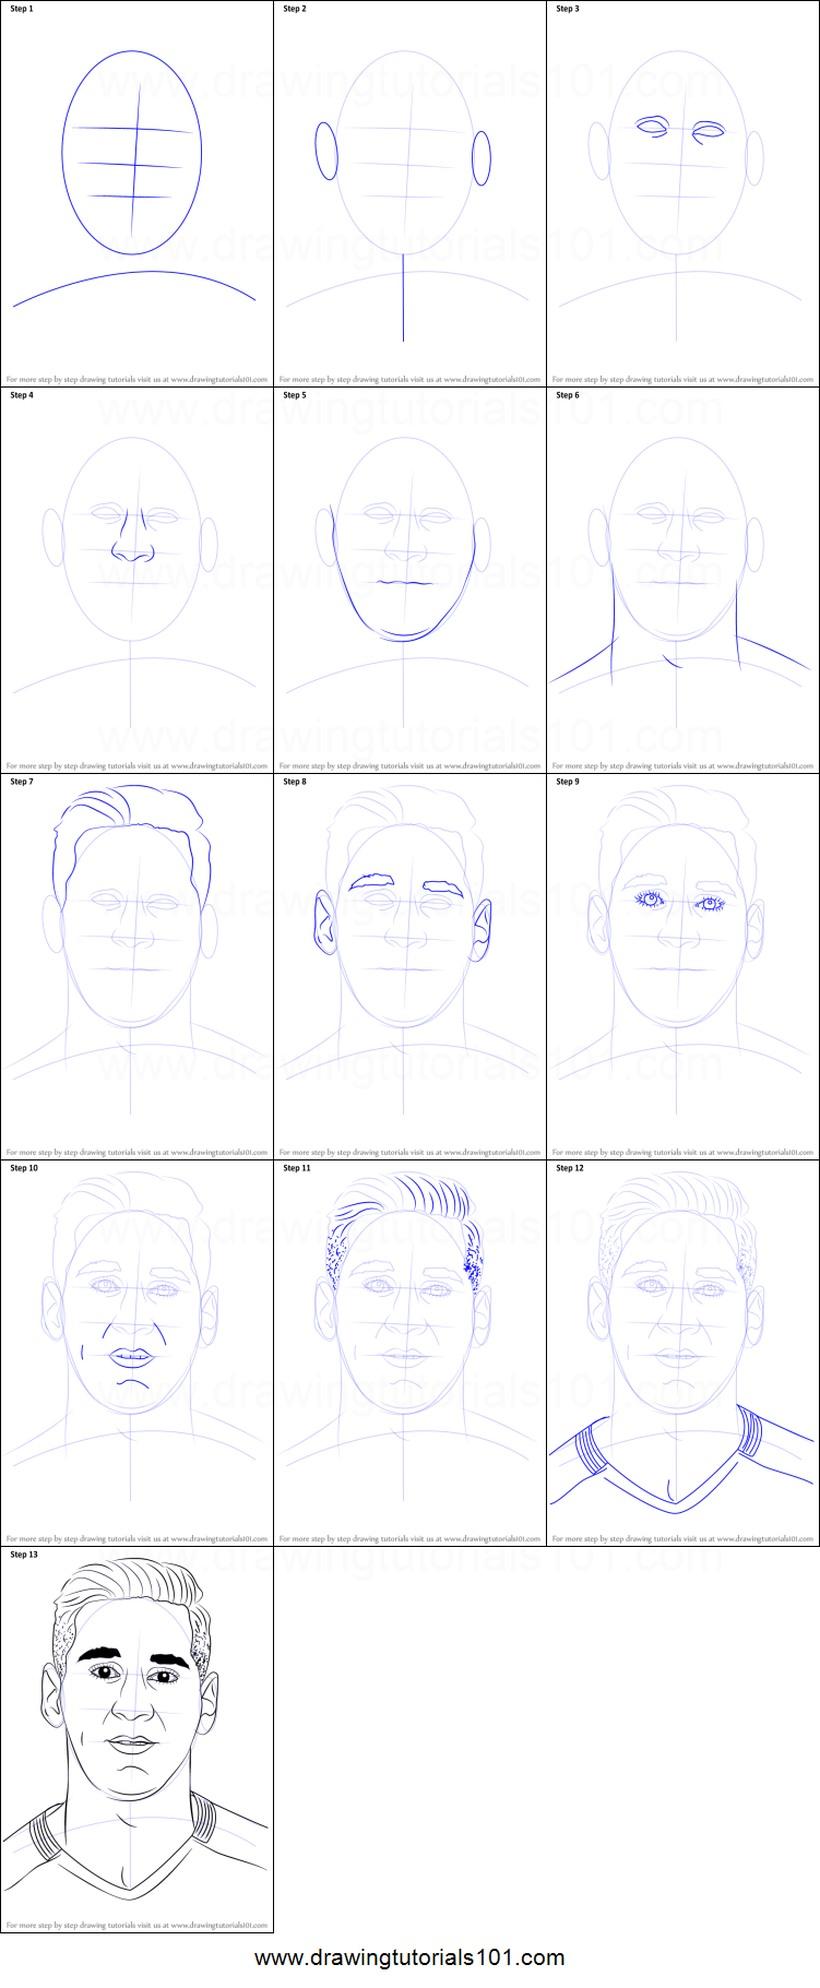 dibujos fáciles lionel messi paso a paso personajes famosos animado dibujar este ídolo del fútbol